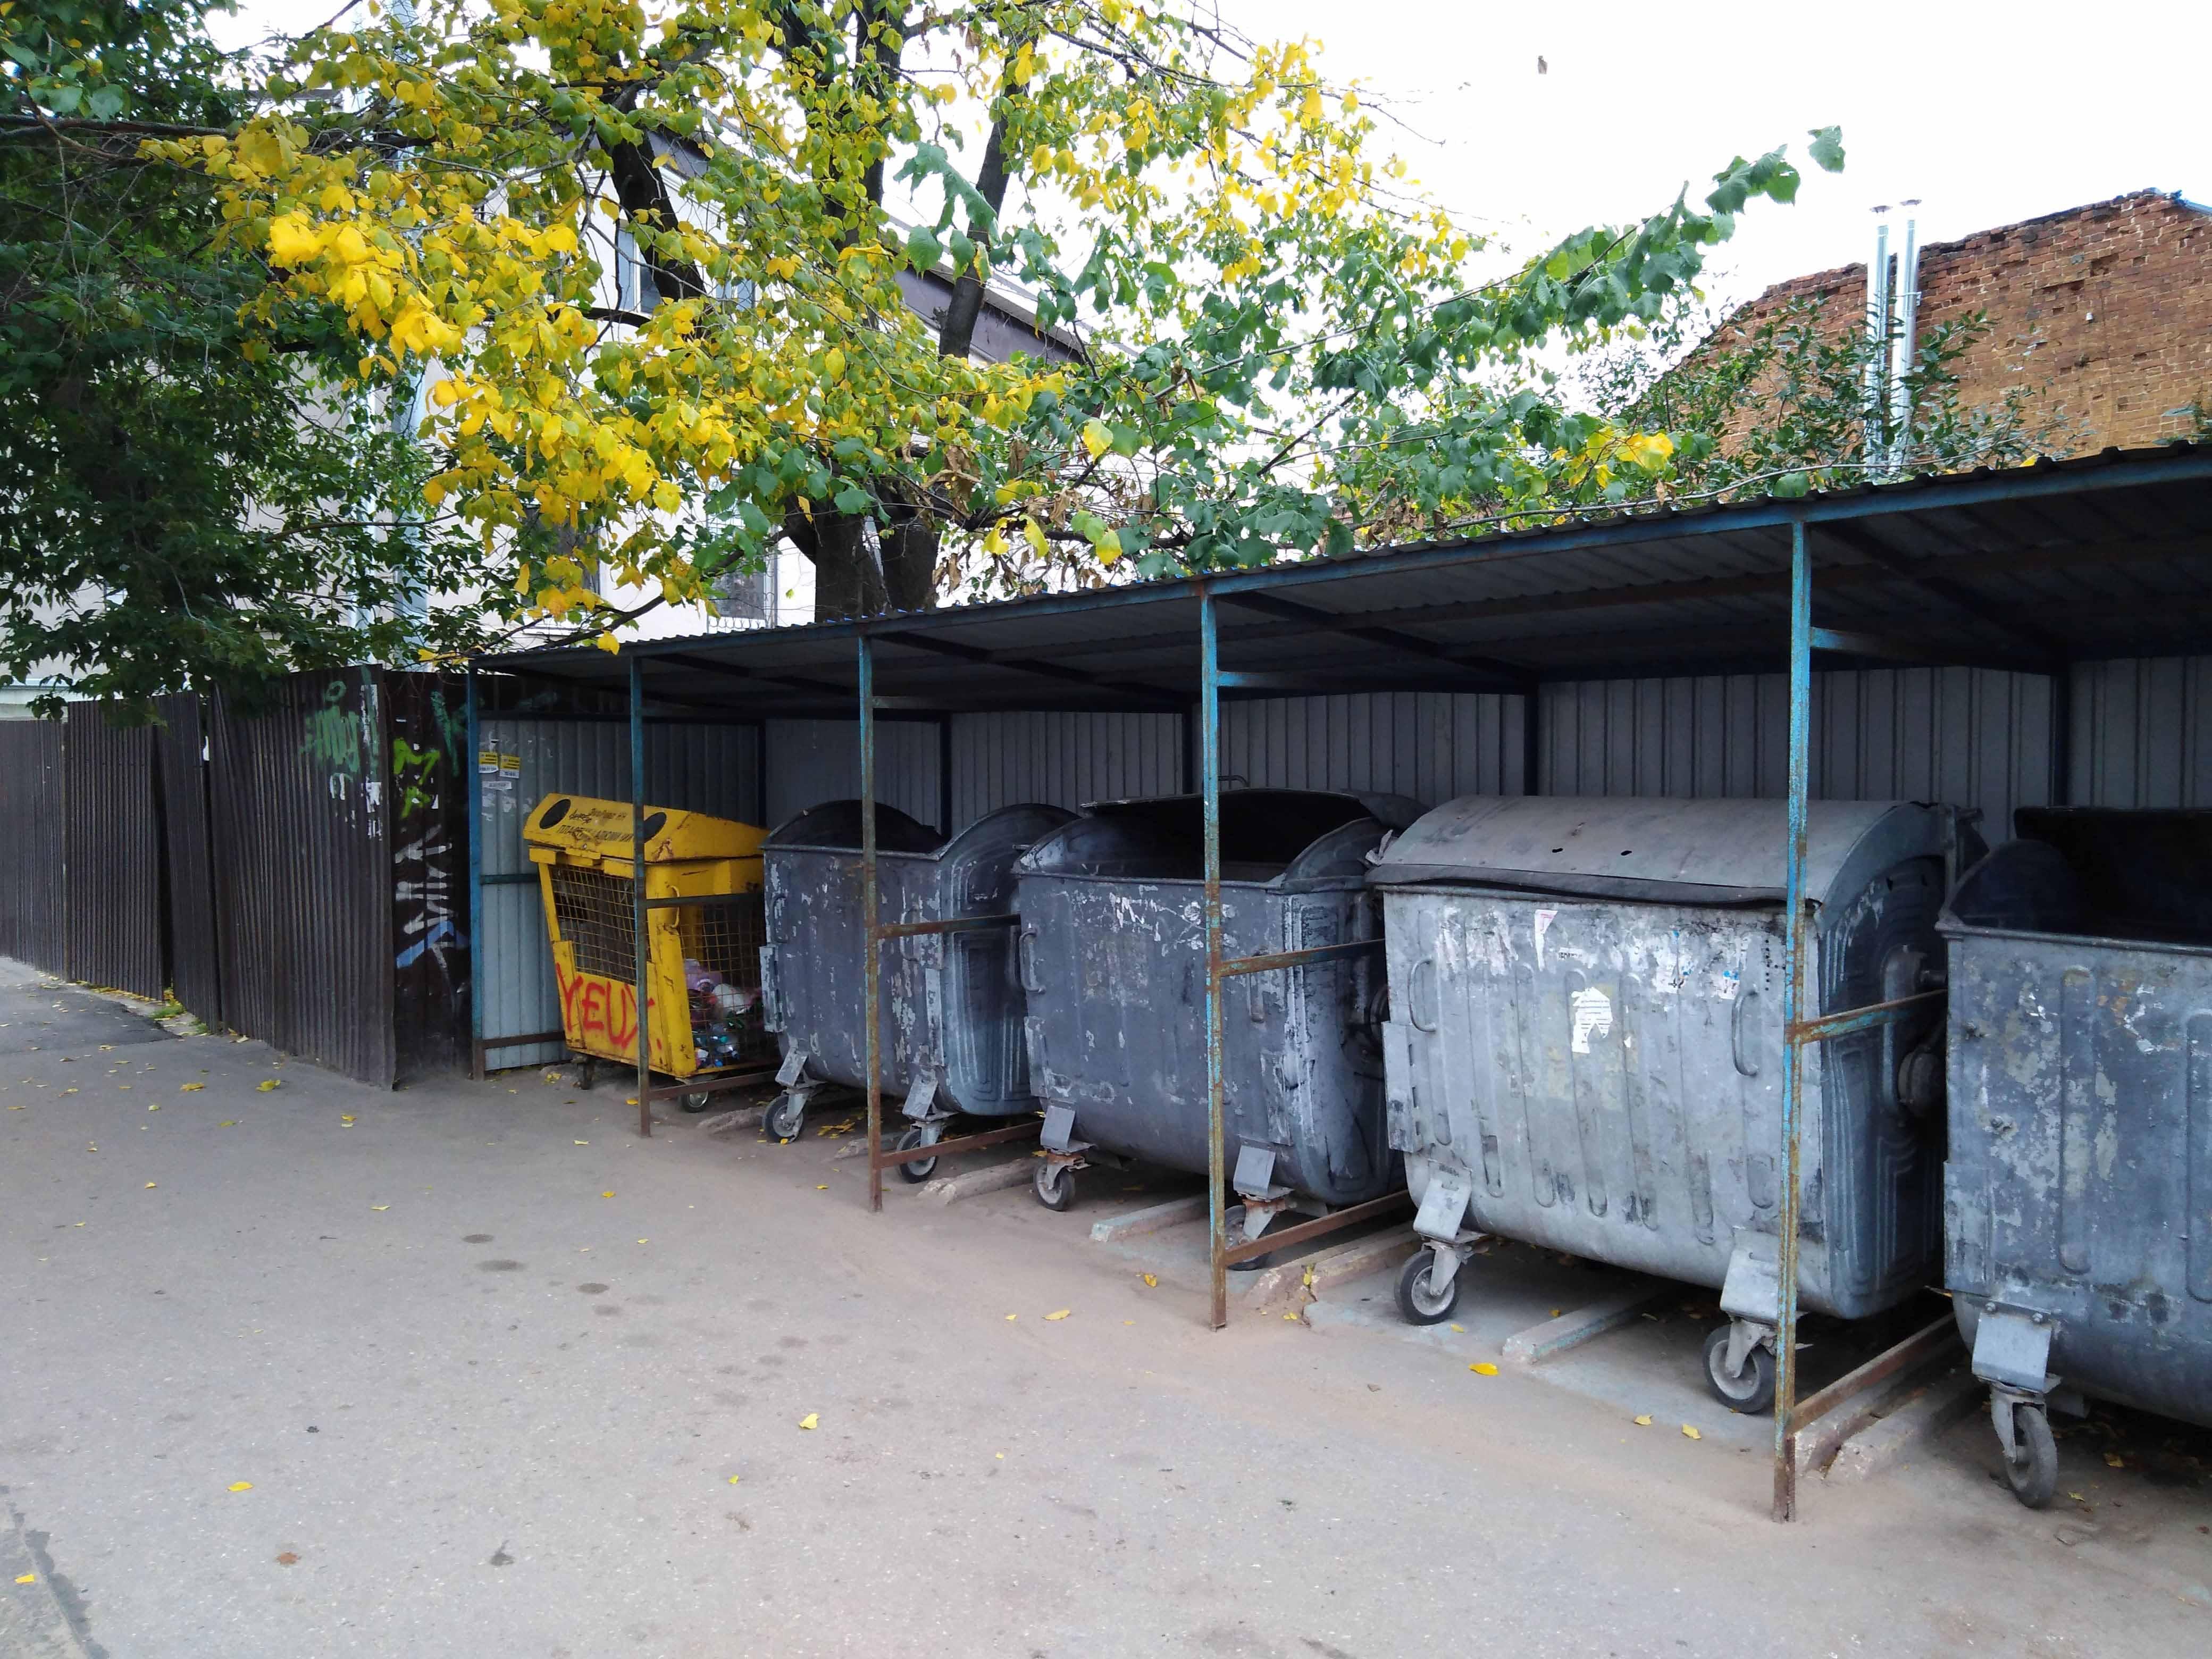 Жителям Самары предлагают выбрать выгодный вариант оплаты за мусор